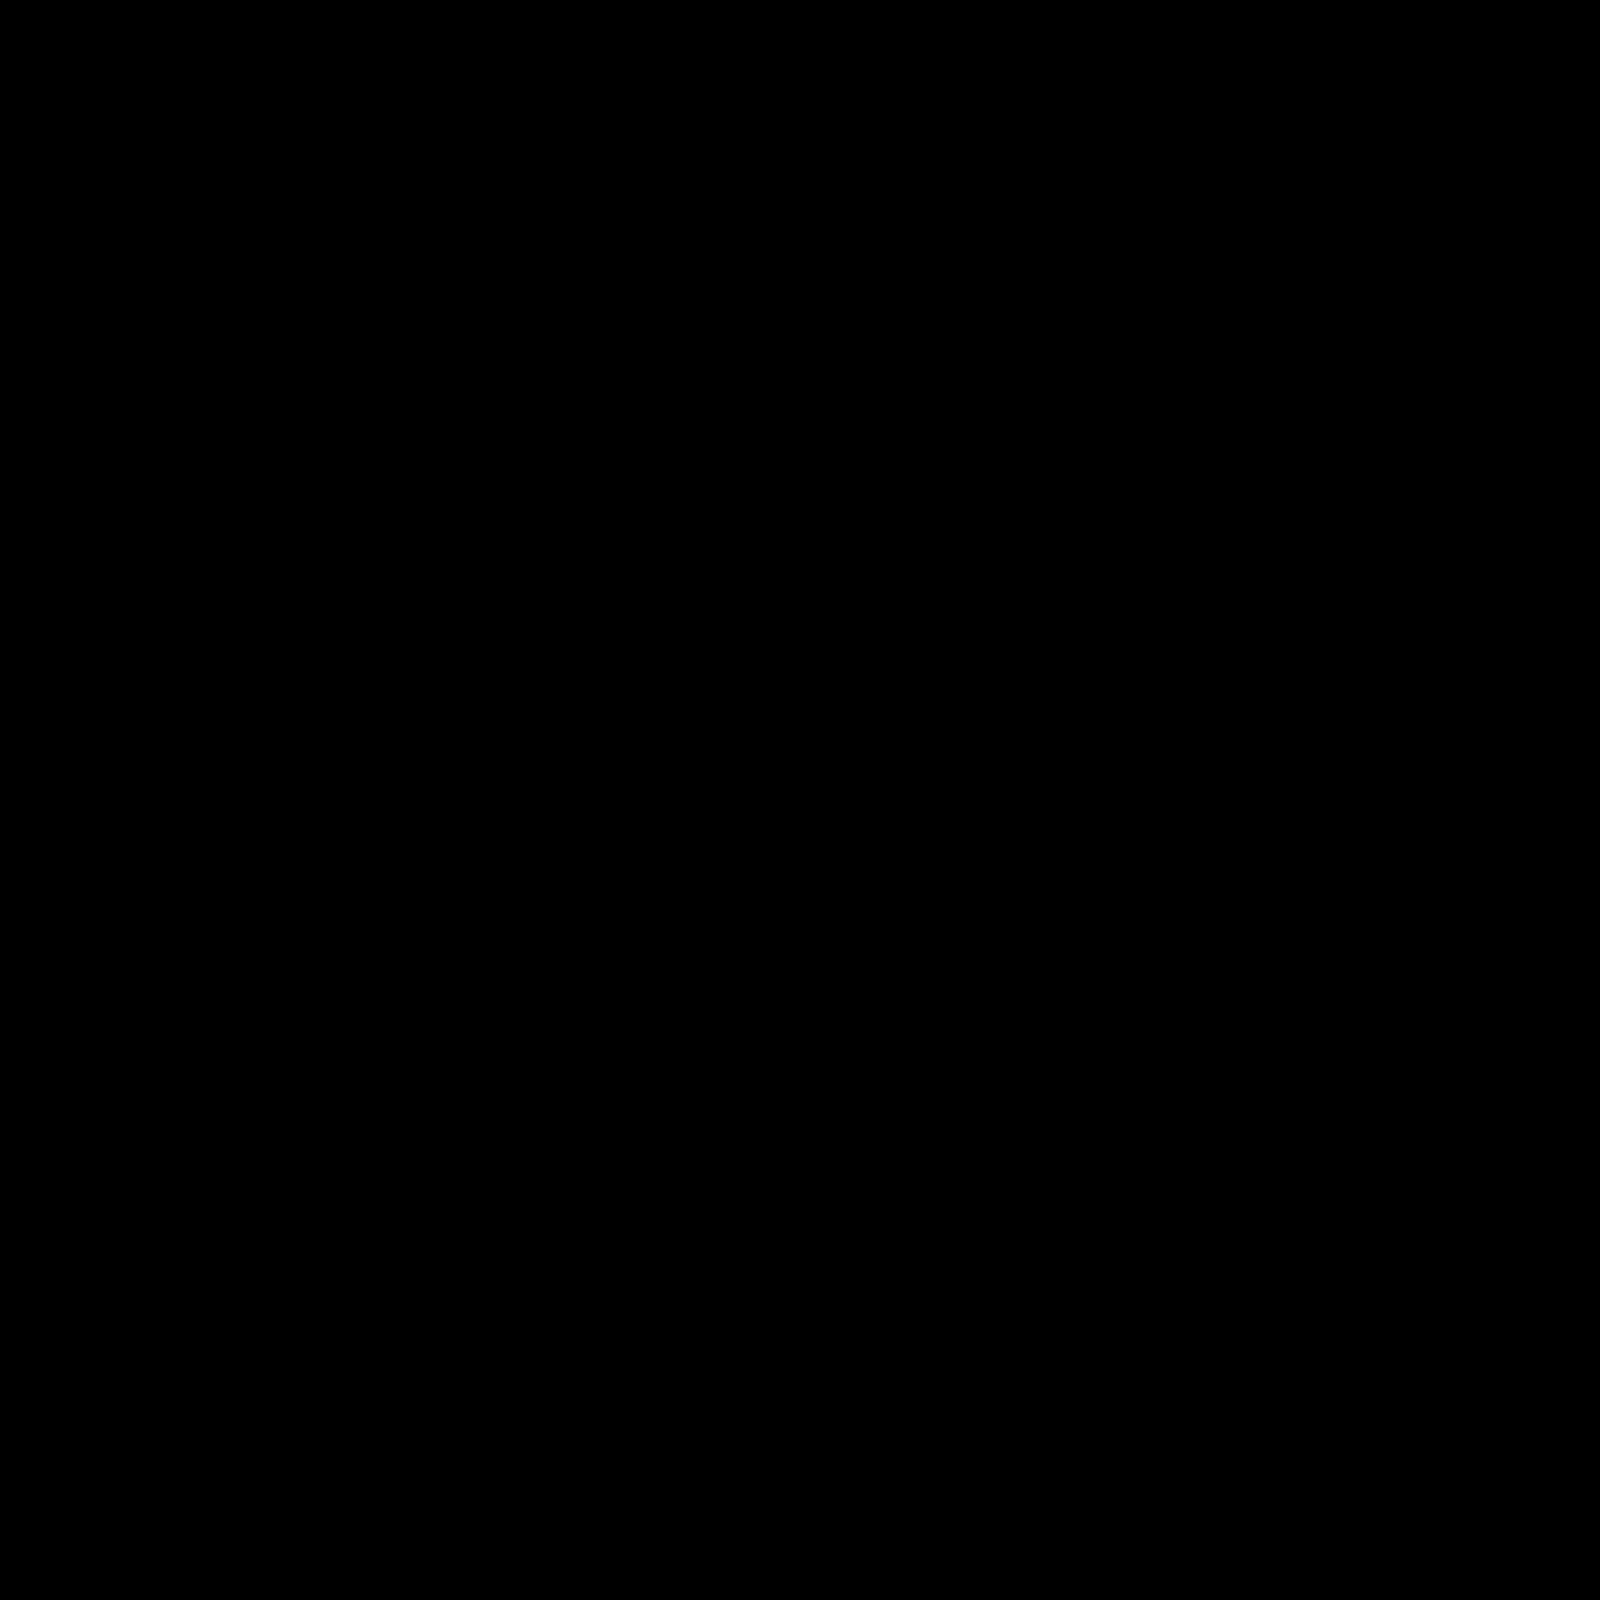 Barco de pesca icon